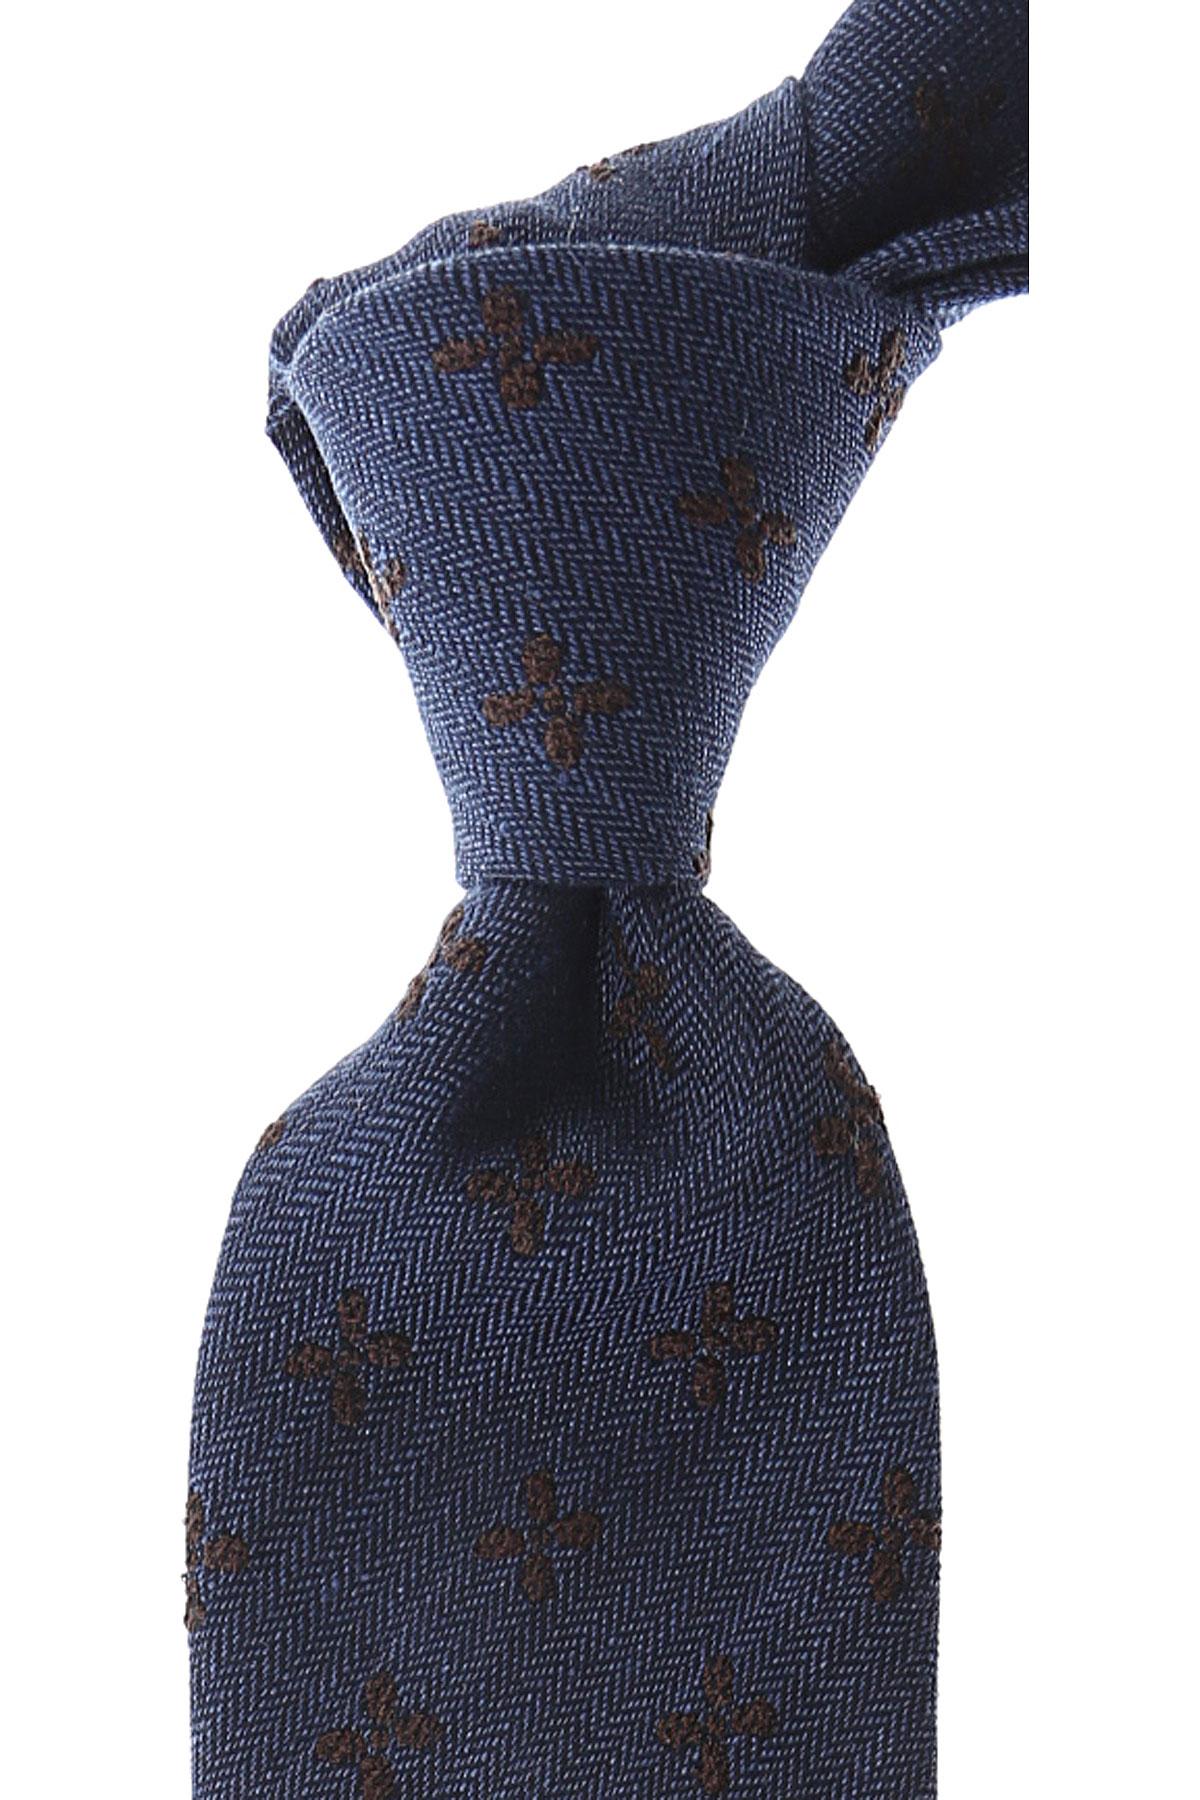 Belvest Cravates Pas cher en Soldes, Bleu nuit, Soie, 2017